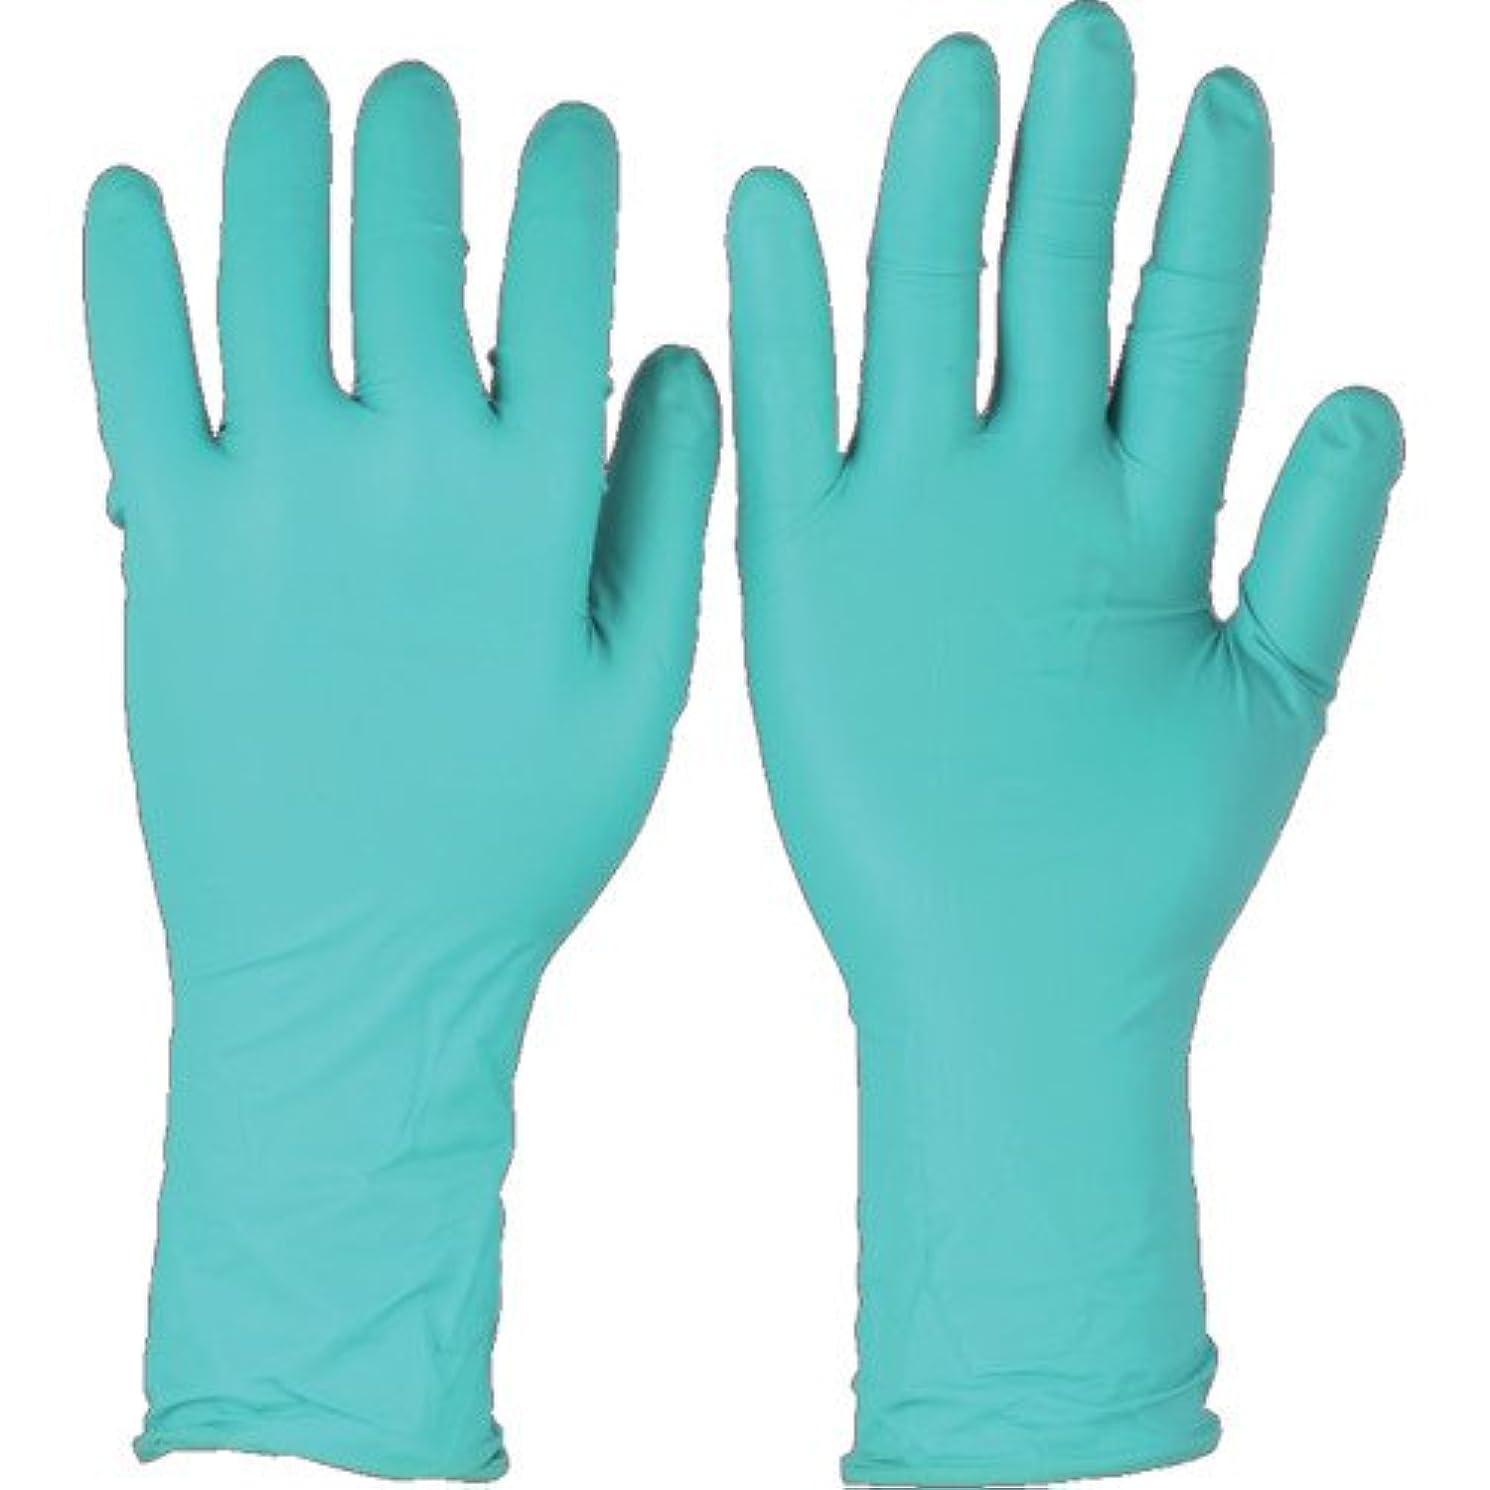 エレメンタルクレタ寝室トラスコ中山 アンセル ネオプレンゴム使い捨て手袋 マイクロフレックス 93-260 XLサイズ (50枚入)  9326010